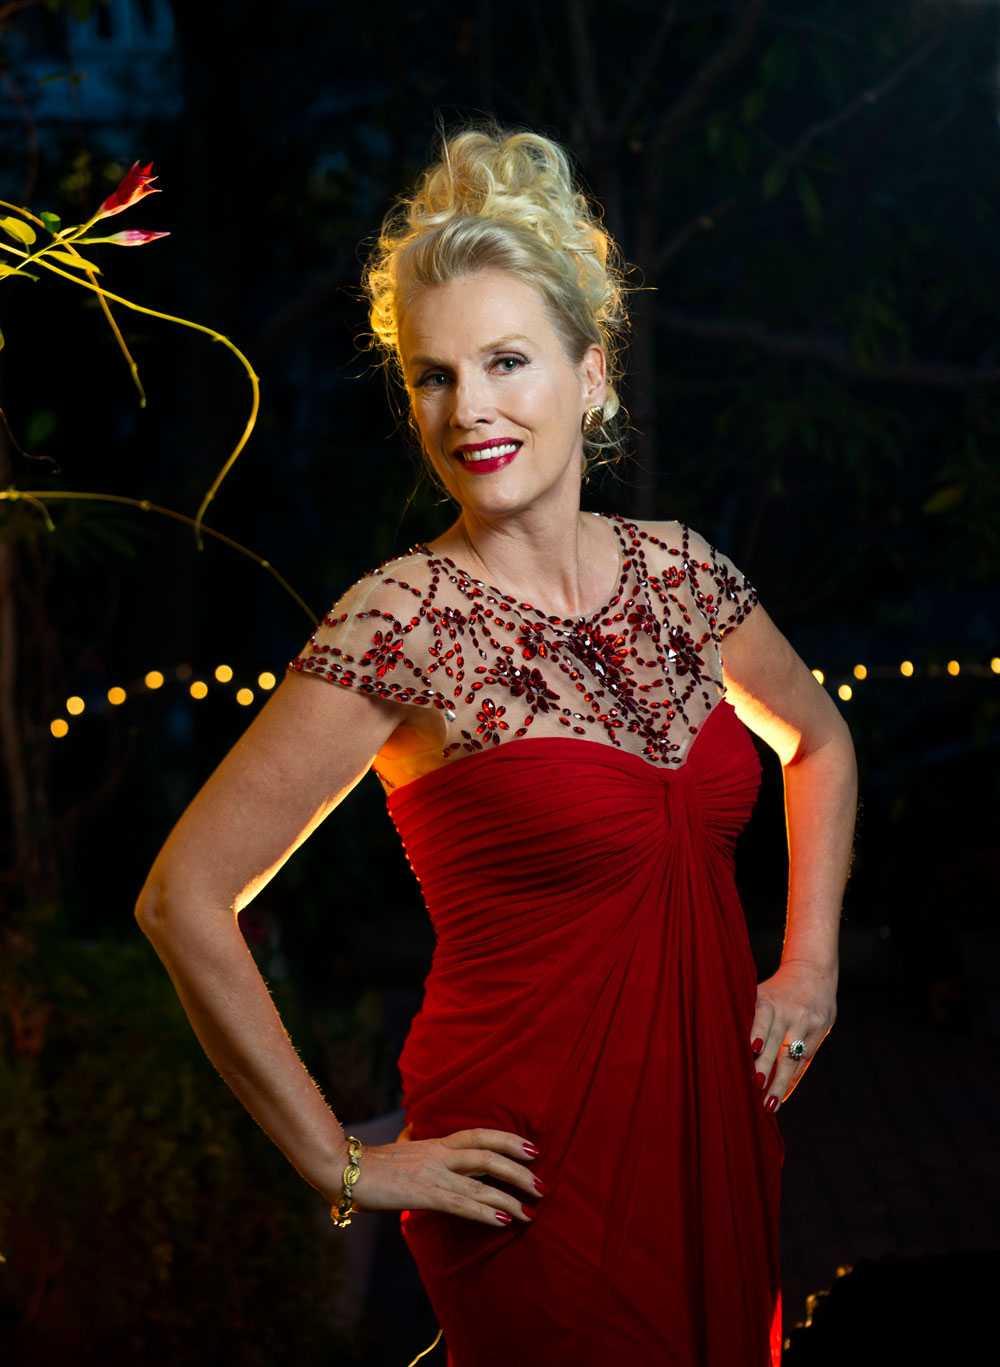 Gunilla Persson fyller 57 år på nyårsafton – något som ska firas ordentligt.